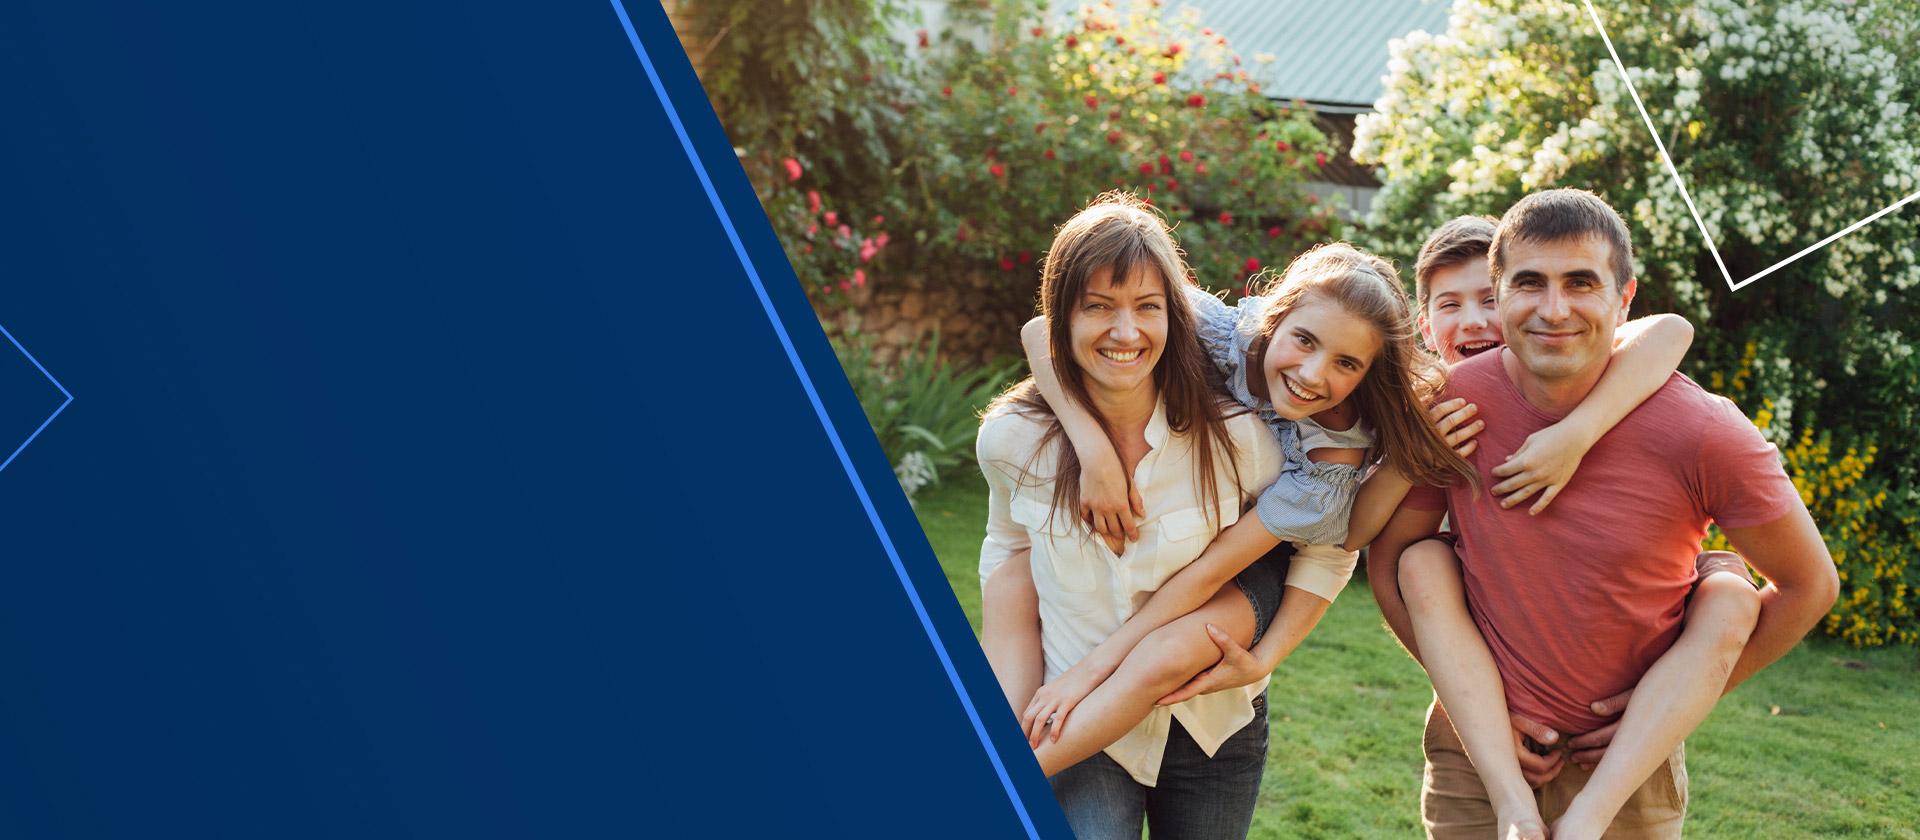 Protege<br>el futuro económico<br>de tu familia